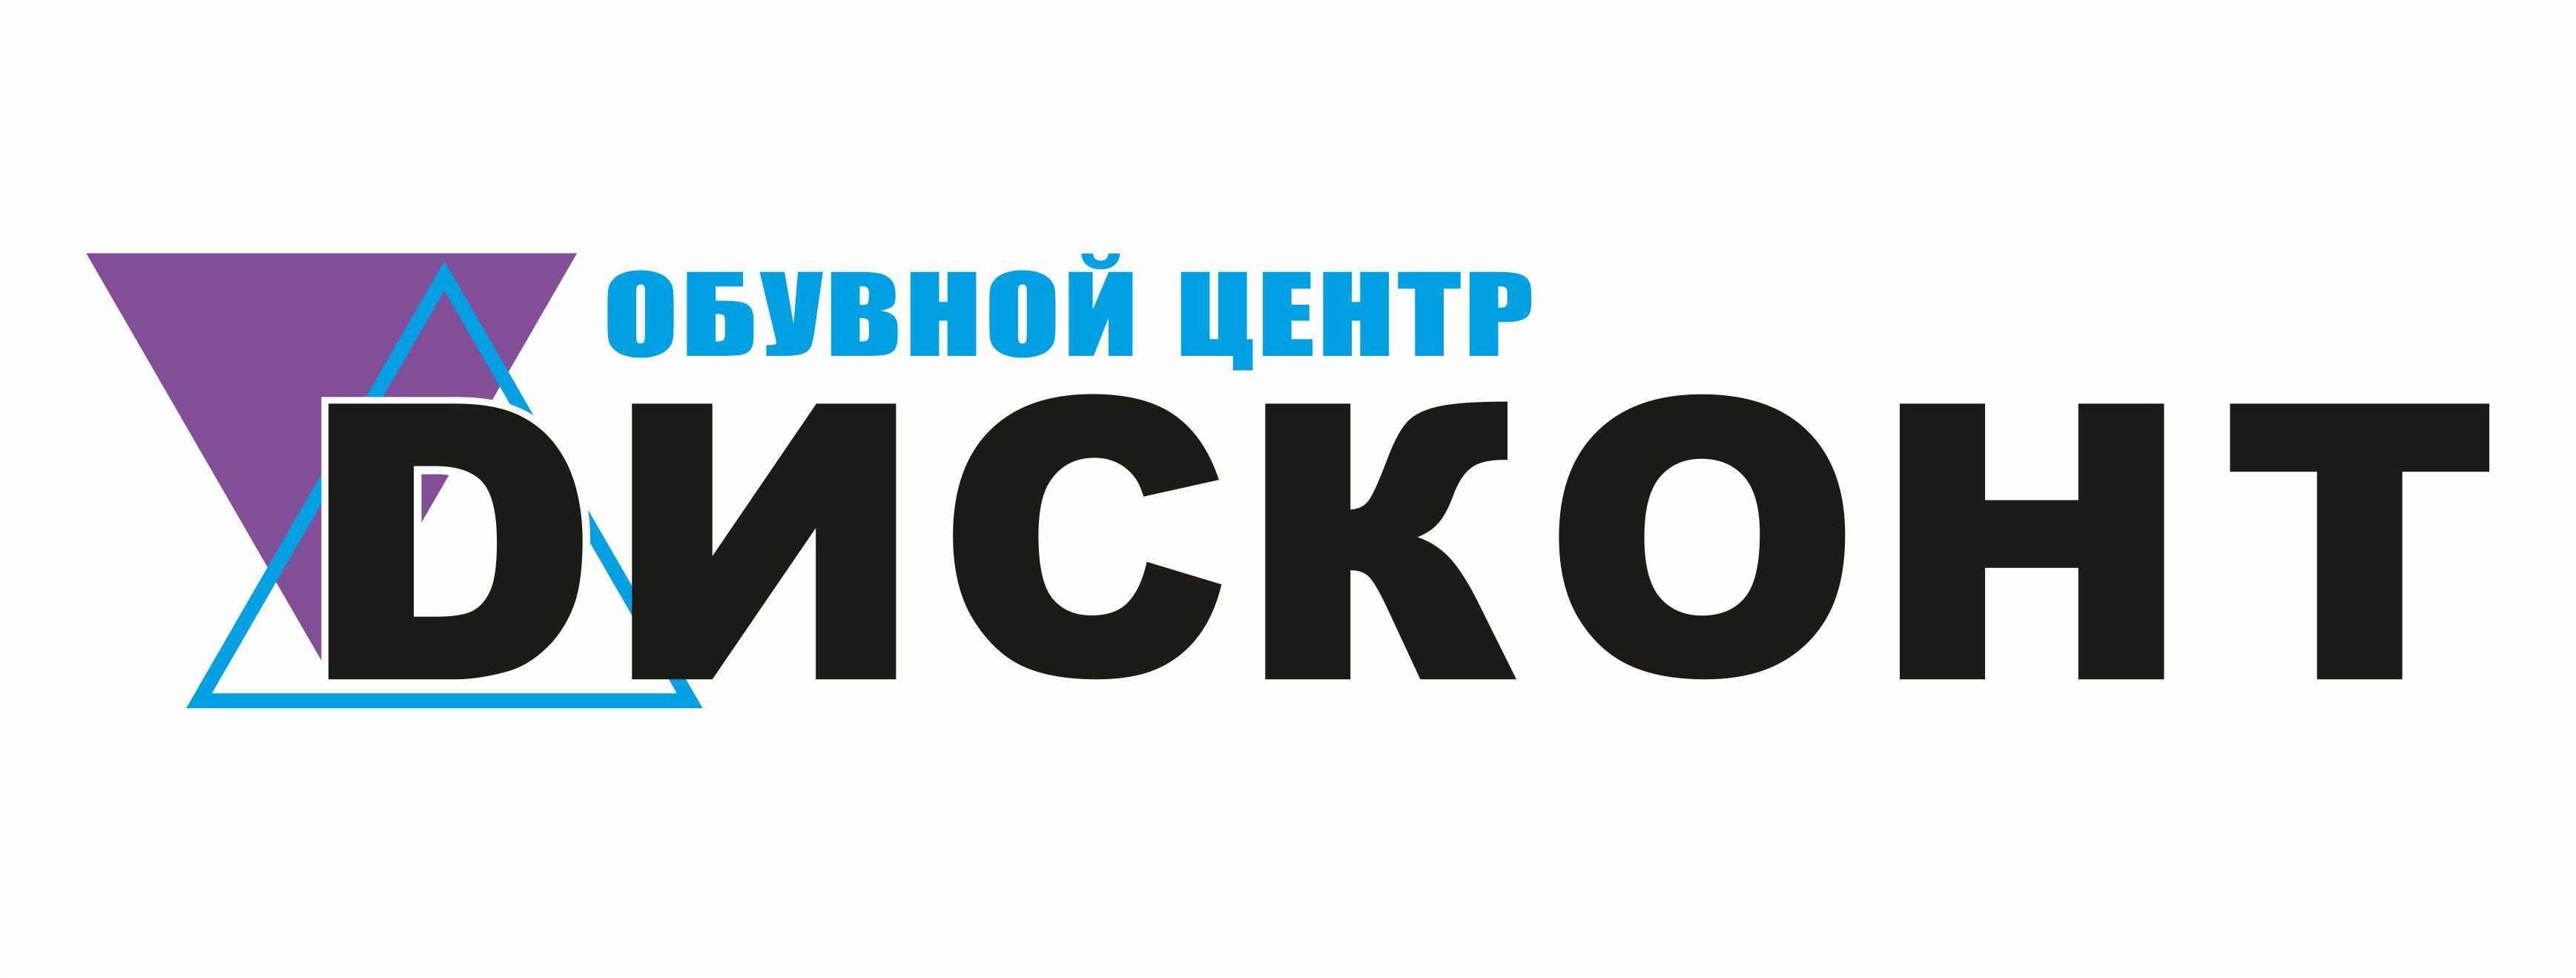 дисконт НОВЫЙ лого